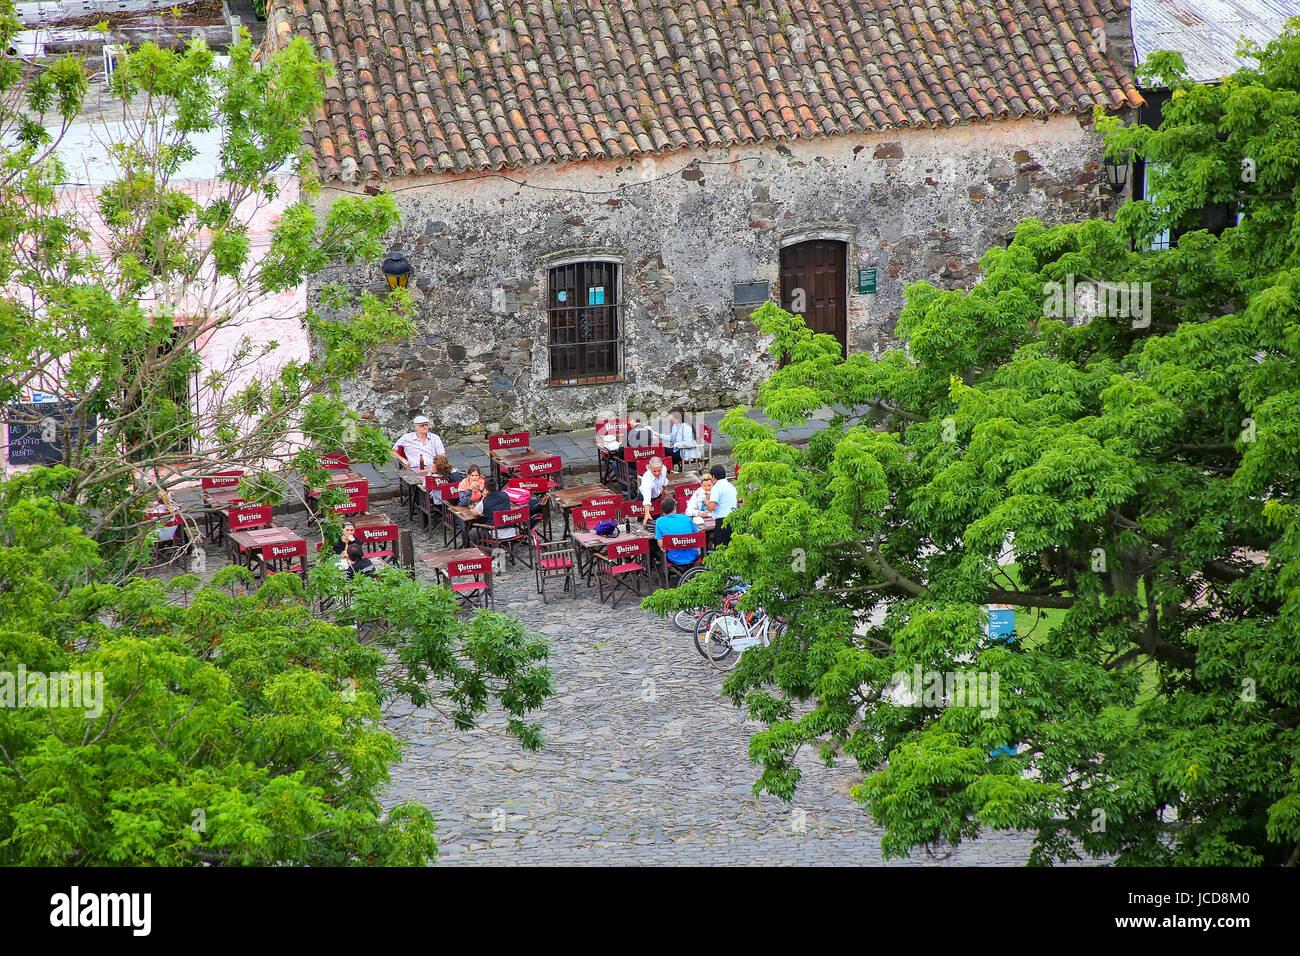 Café de la rue à Colonia del Sacramento, Uruguay. C'est l'une des plus anciennes villes de Uruguay Photo Stock